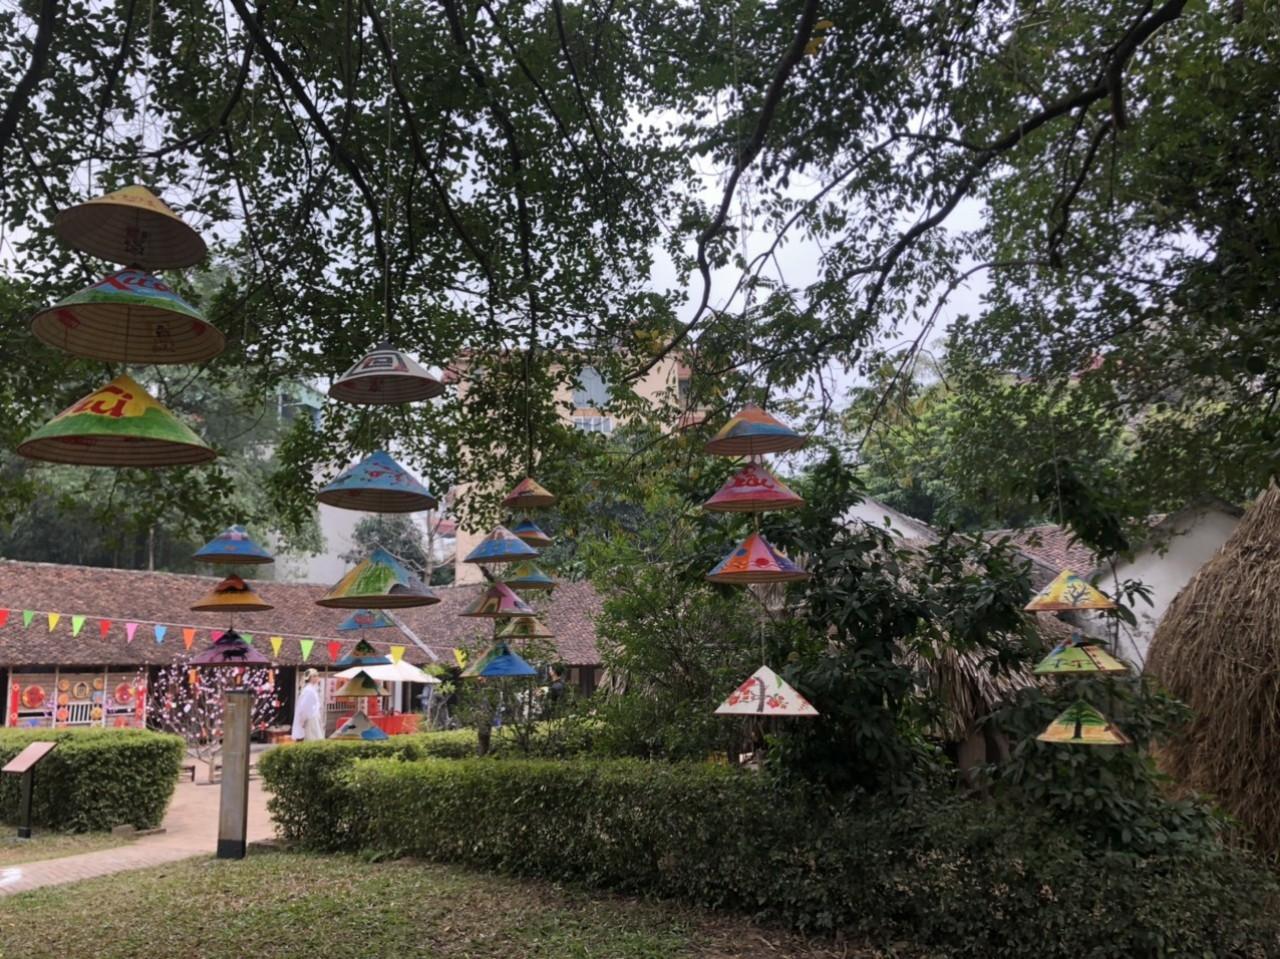 Bất ngờ với các góc check-in độc đáo, mới lạ tại Bảo tàng Dân tộc học Việt Nam dịp Tết